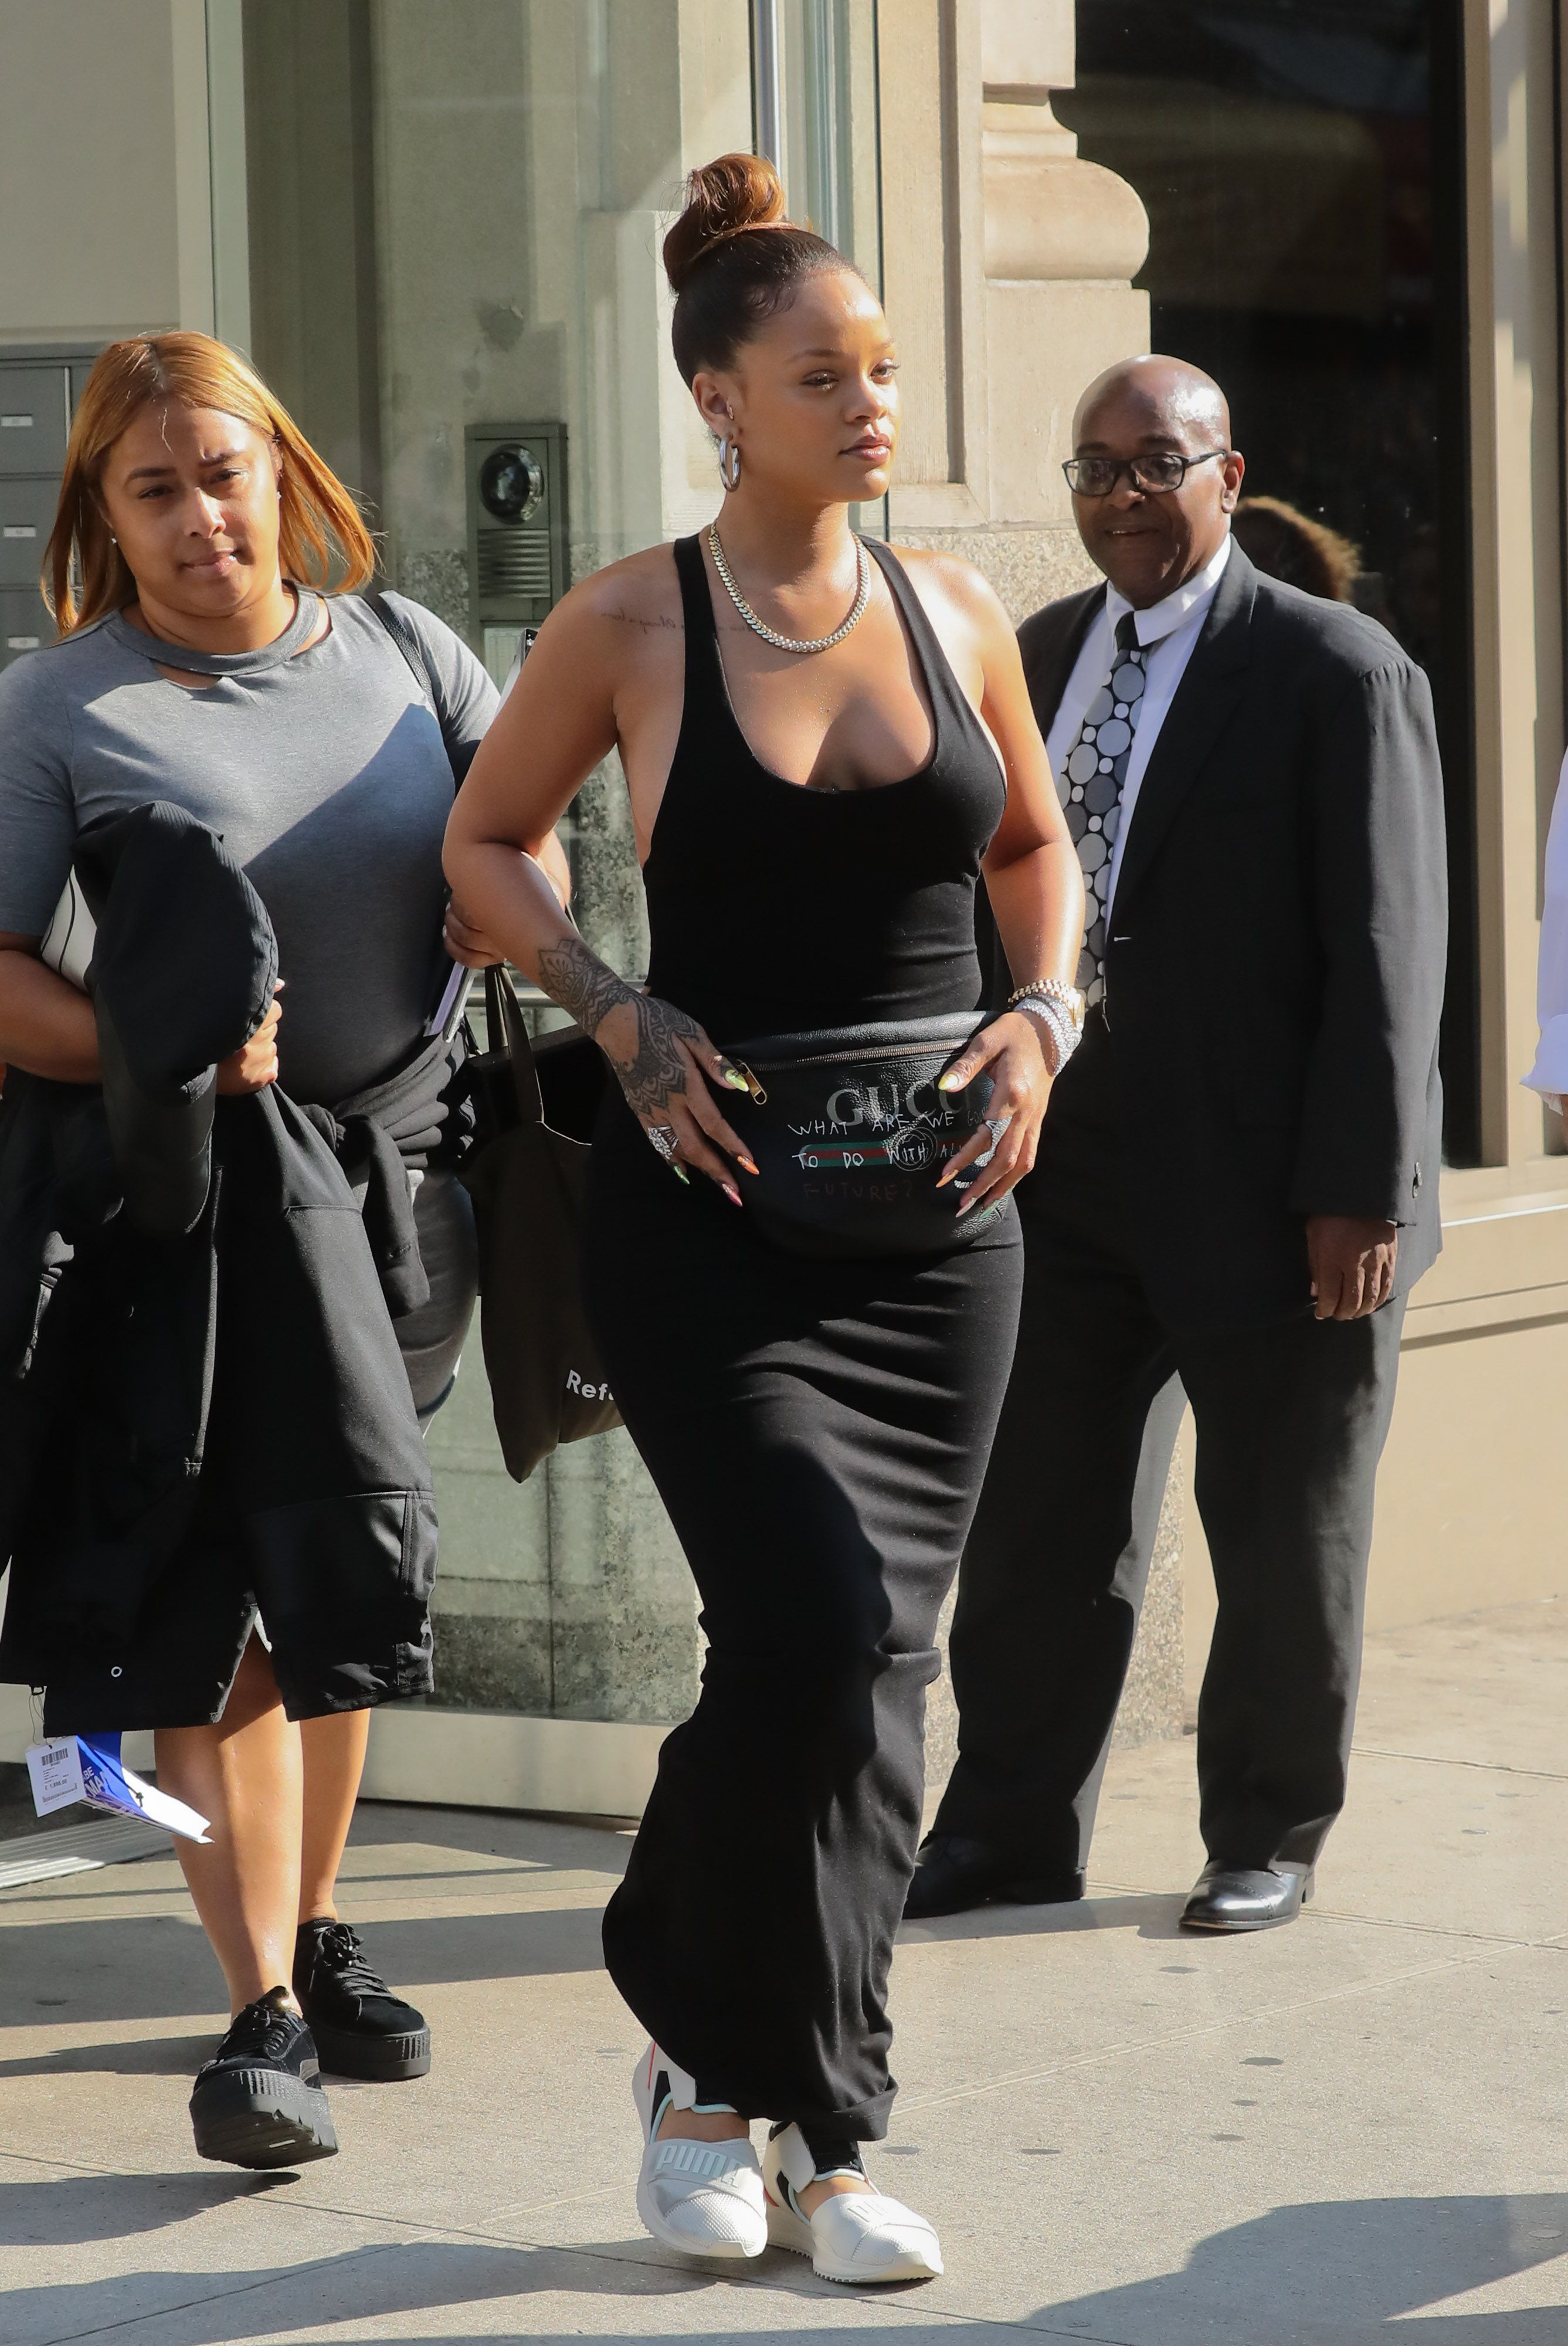 Rihanna-Braless-7-thefappeningblog.com_.jpg